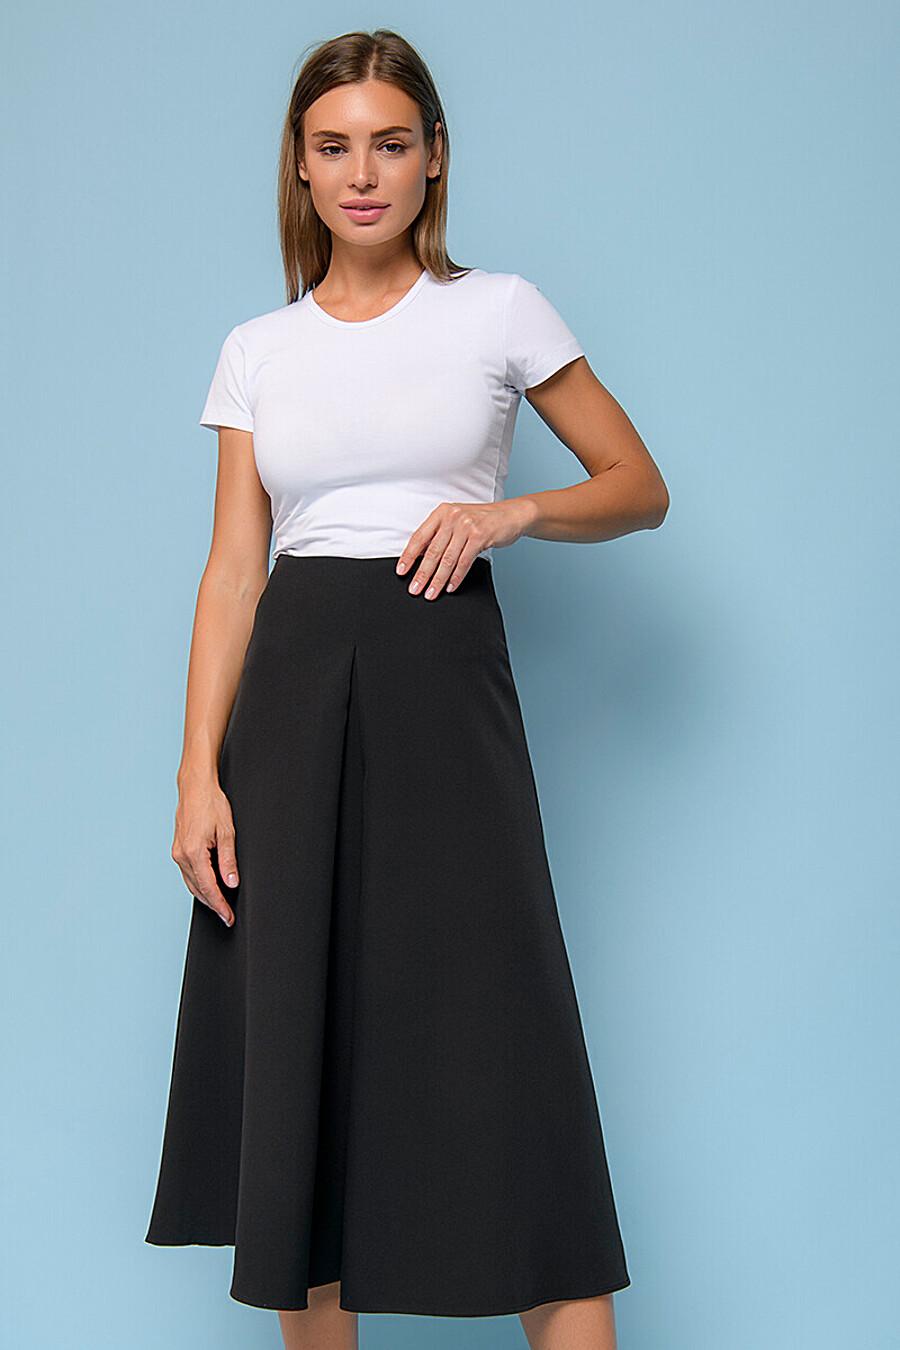 Юбка для женщин 1001 DRESS 682806 купить оптом от производителя. Совместная покупка женской одежды в OptMoyo